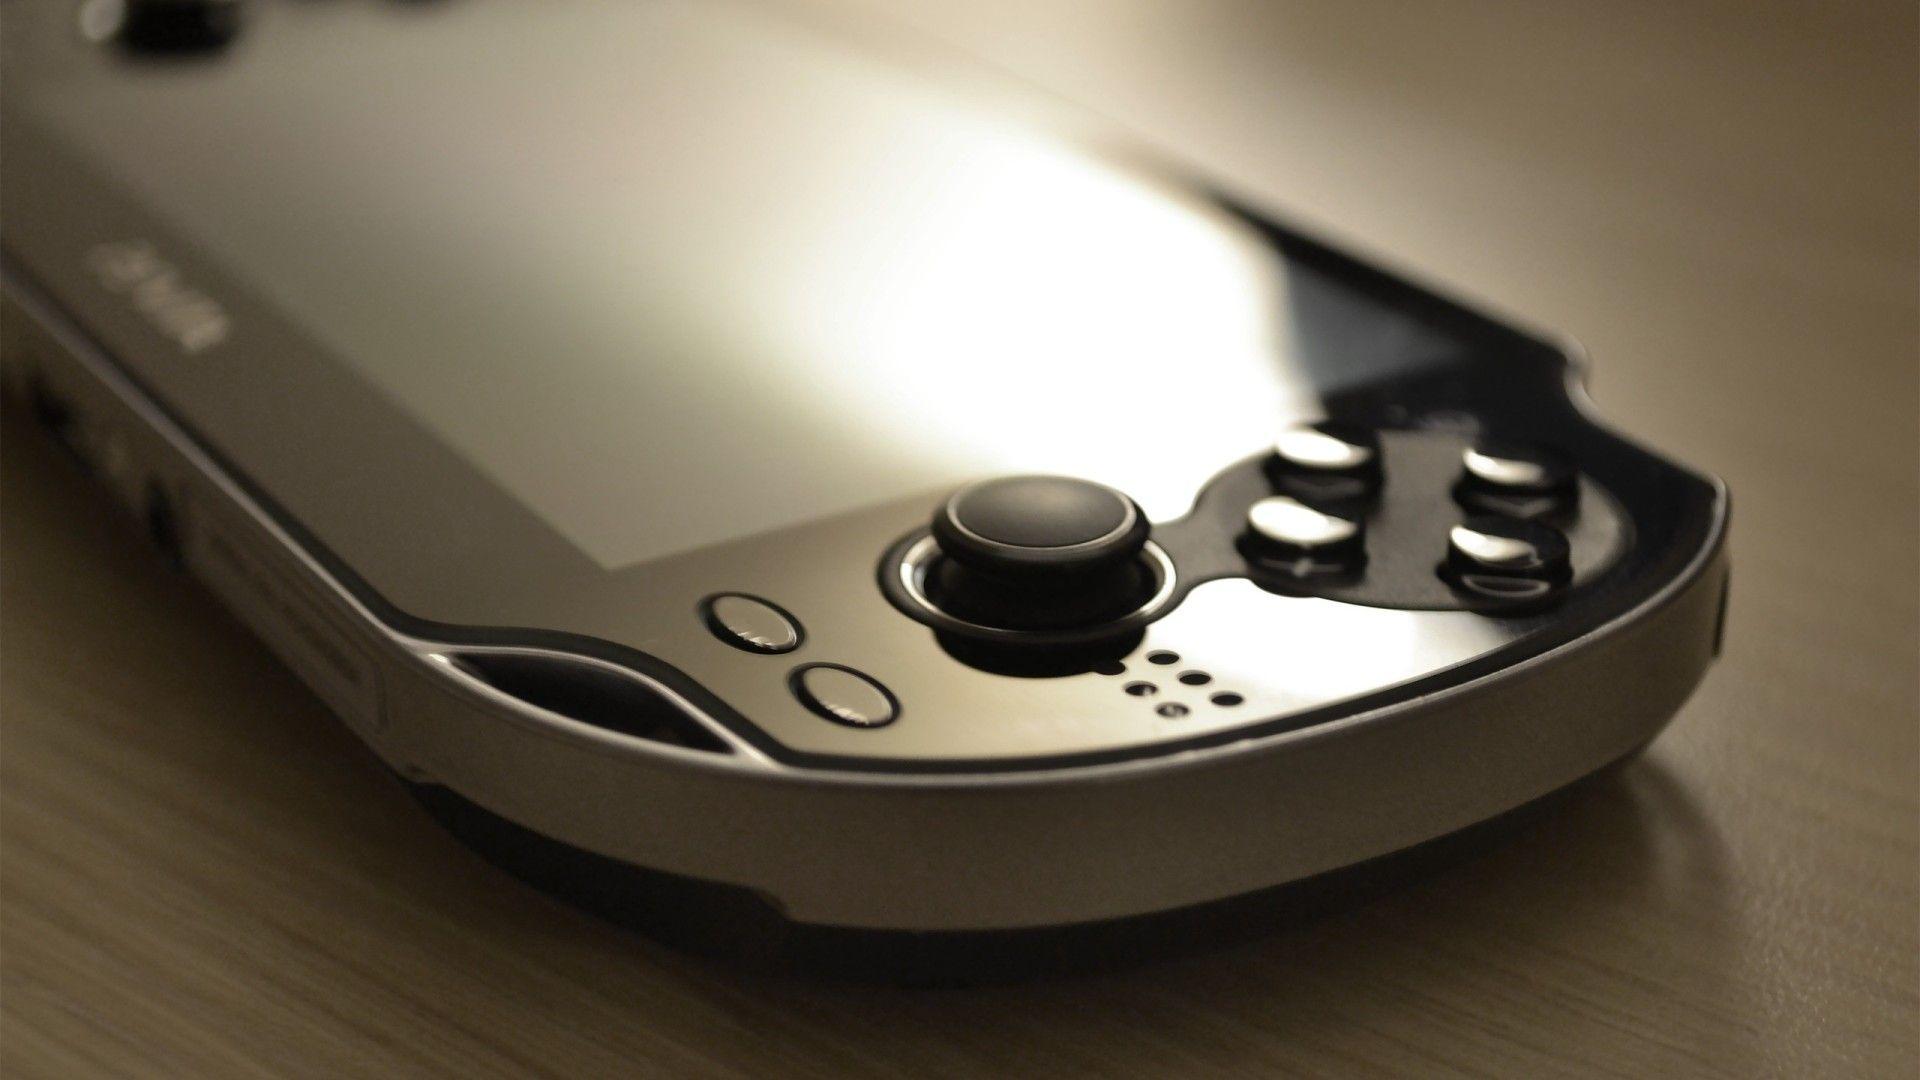 PS Vita Oyunpat-oyunpat